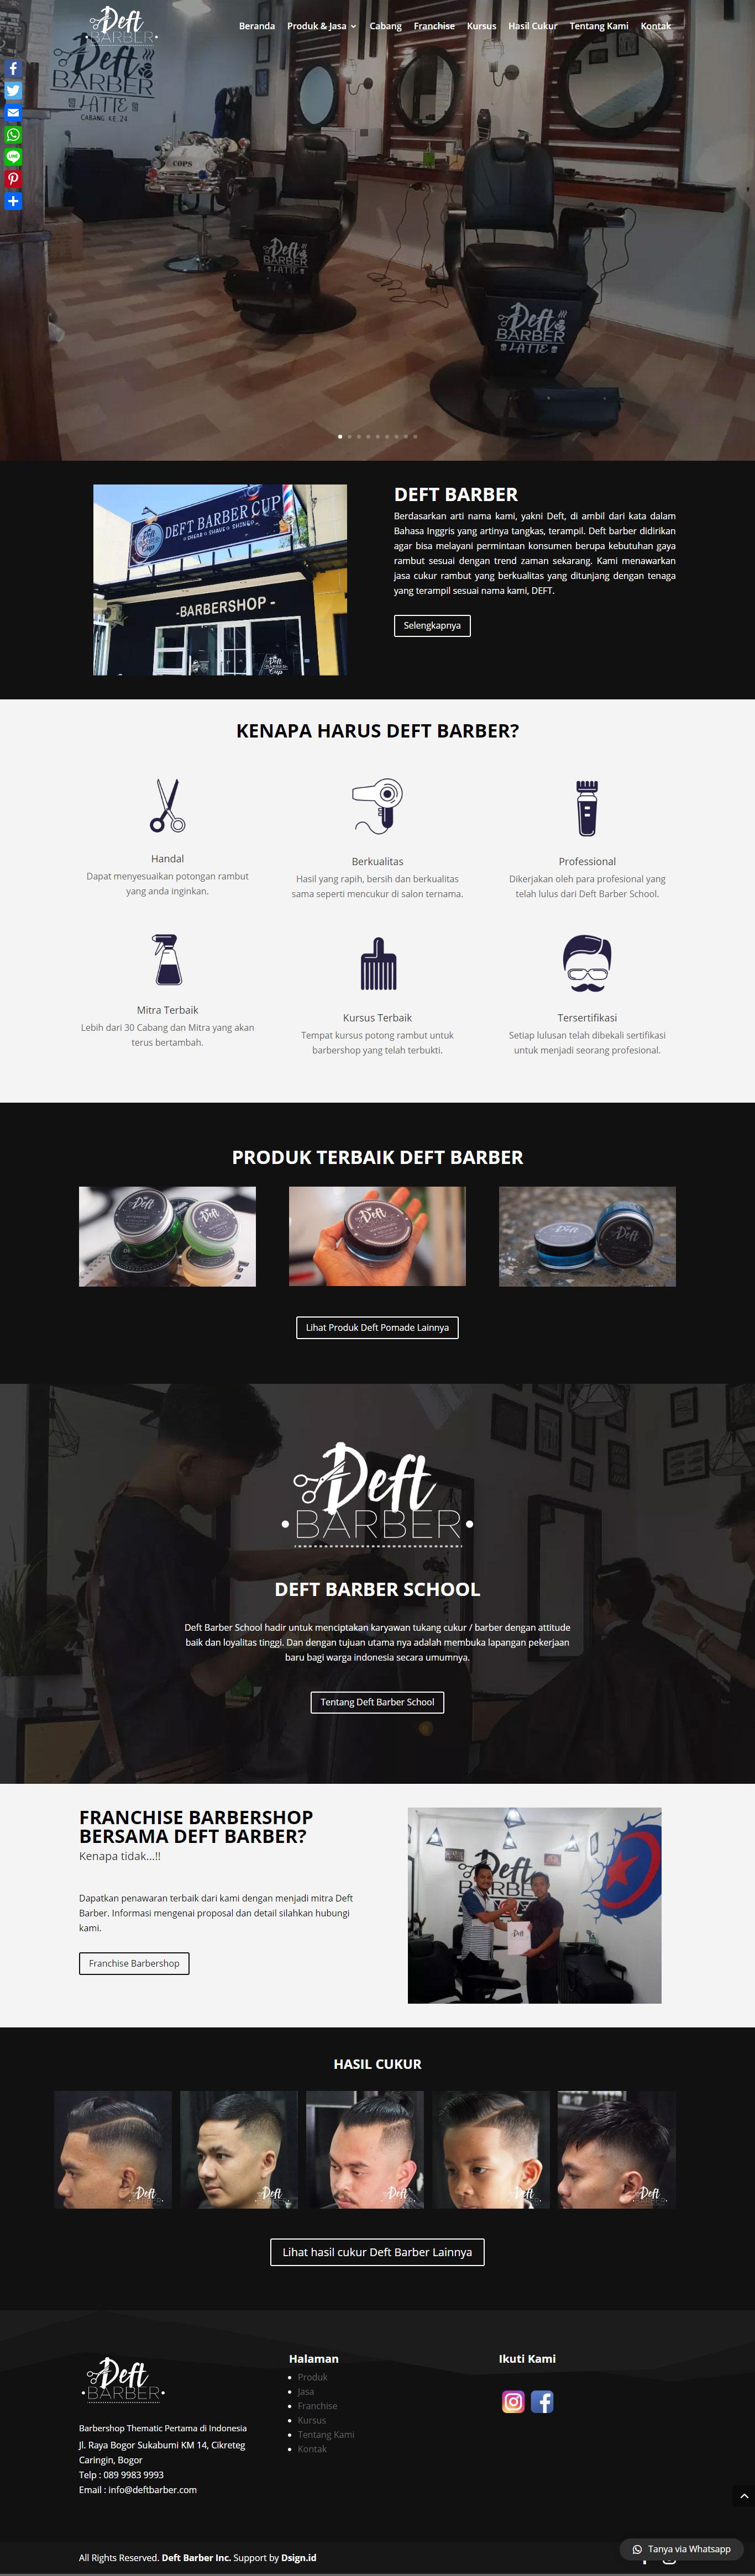 DeftBarber - Franchise Barbershop